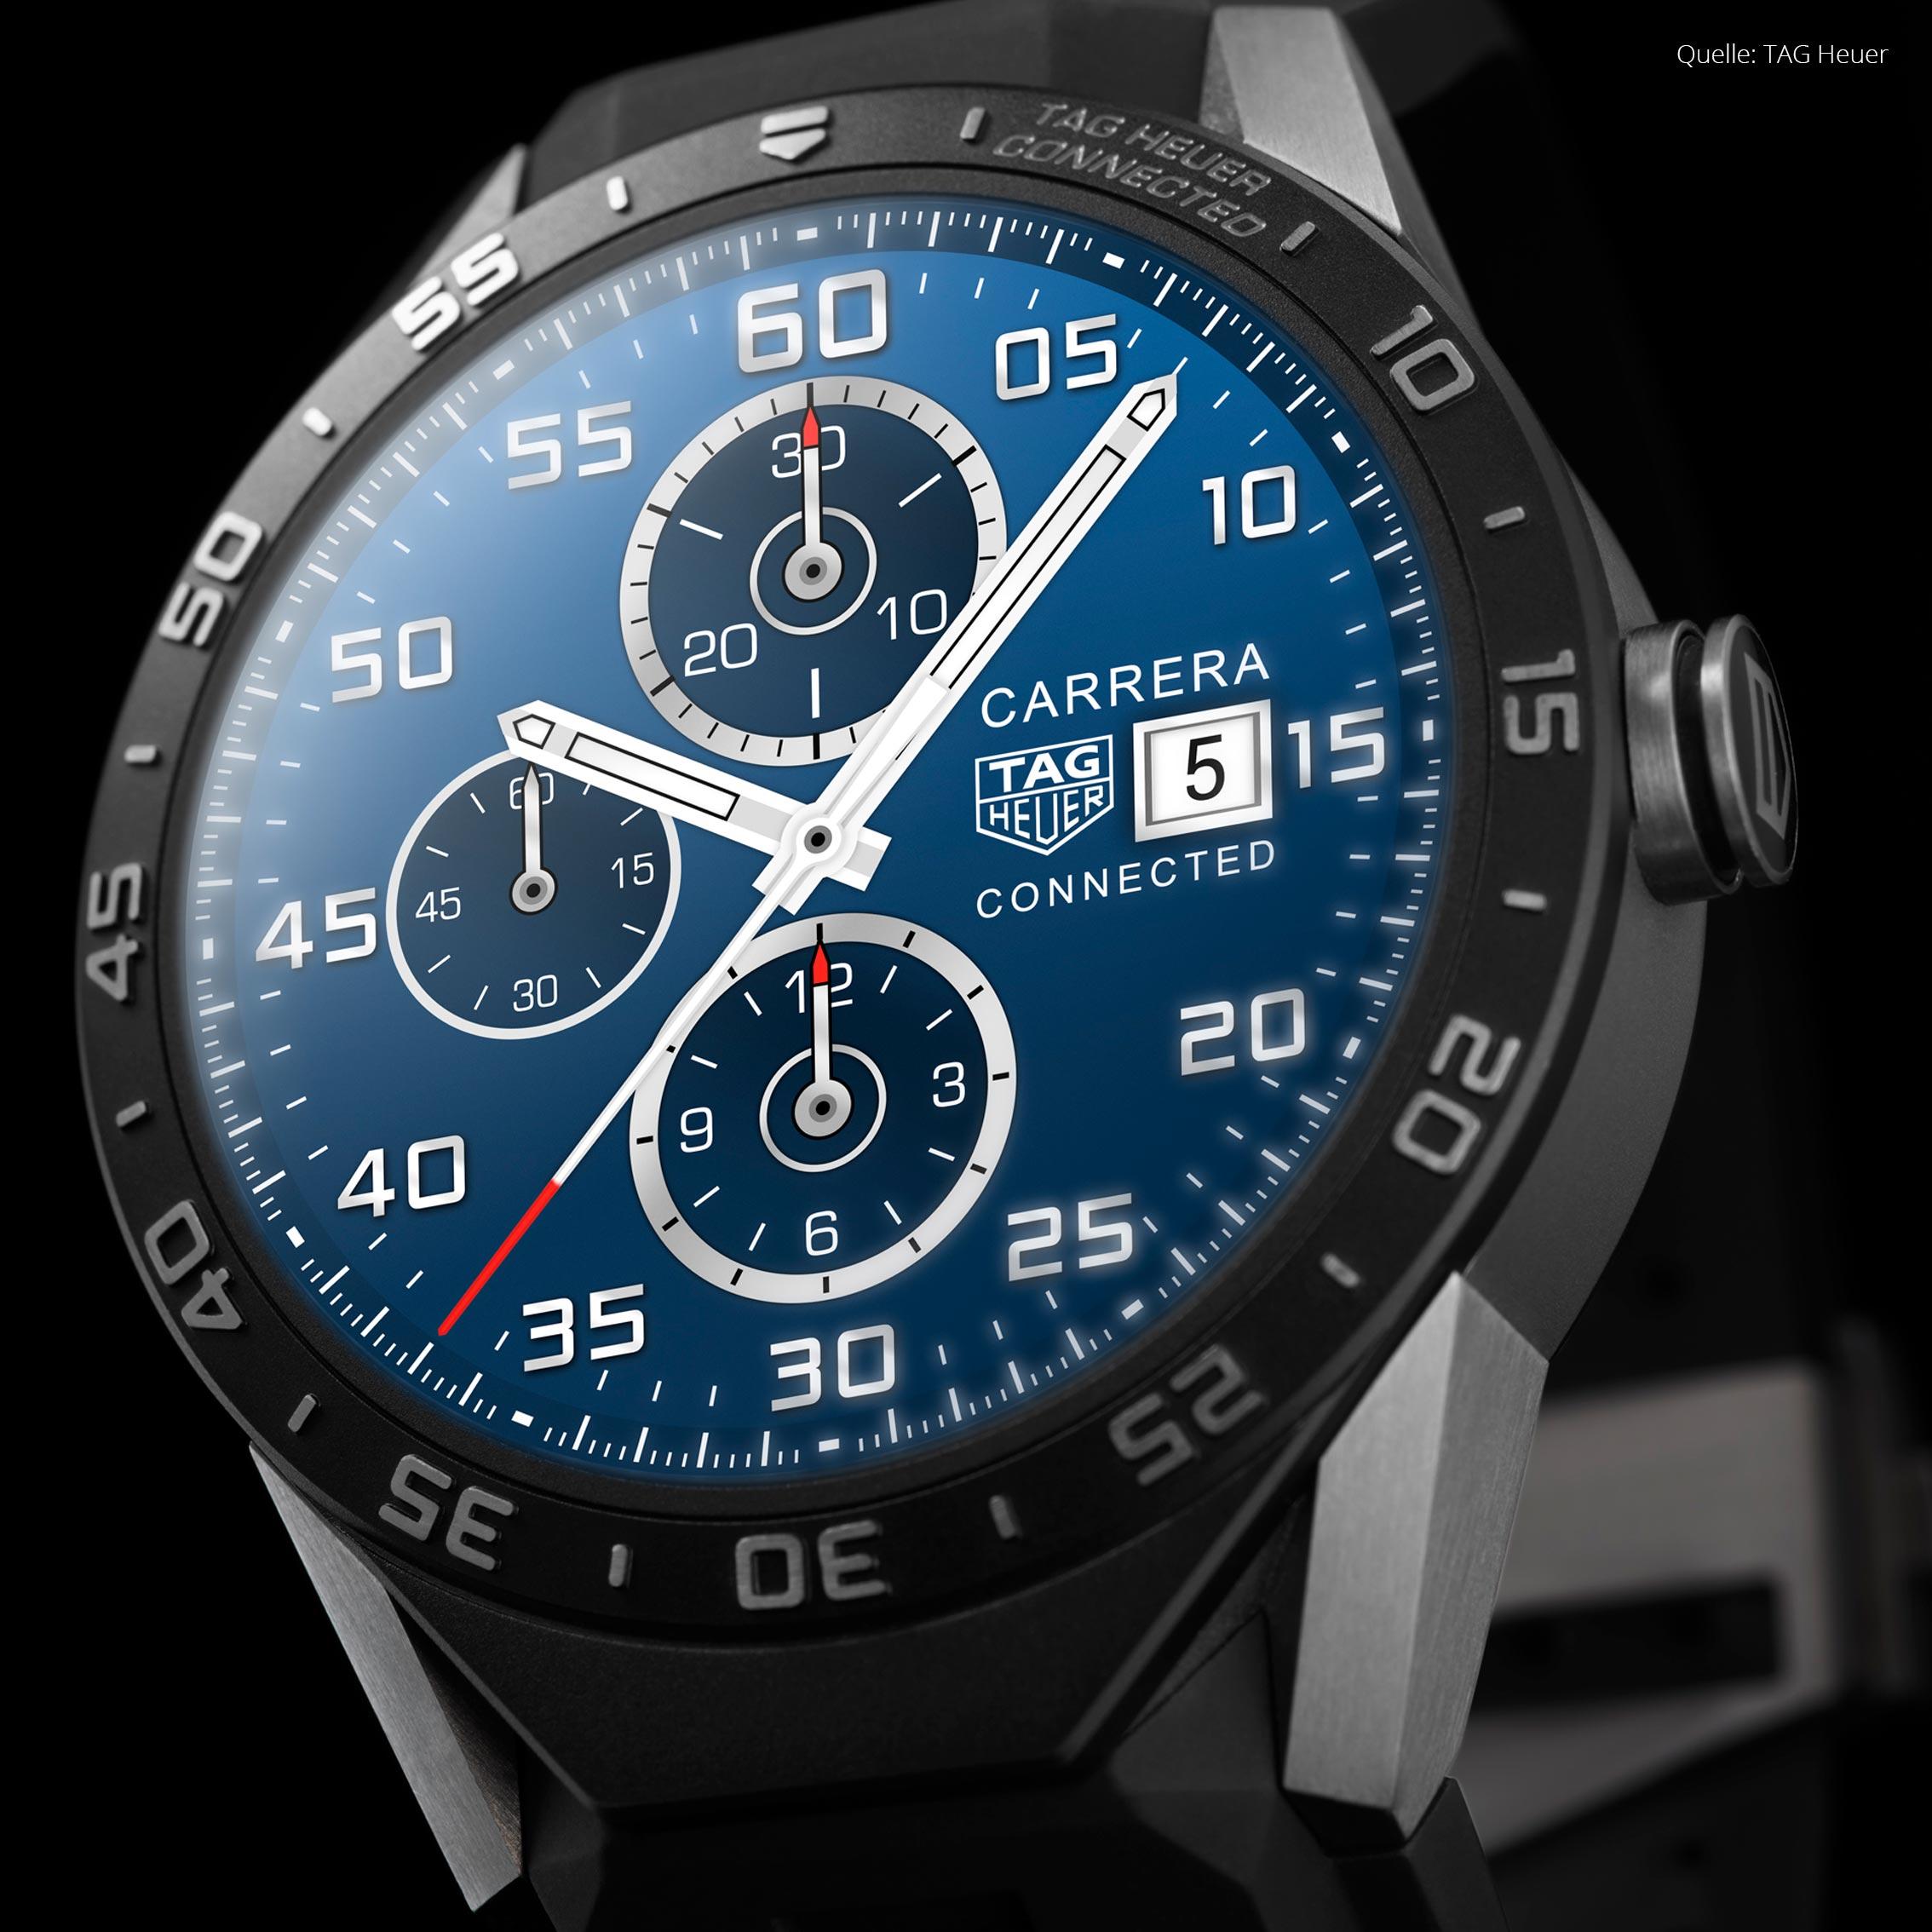 TAG Heuer Uhren - die perfekten Herrenuhren mit Schweizer Präzision